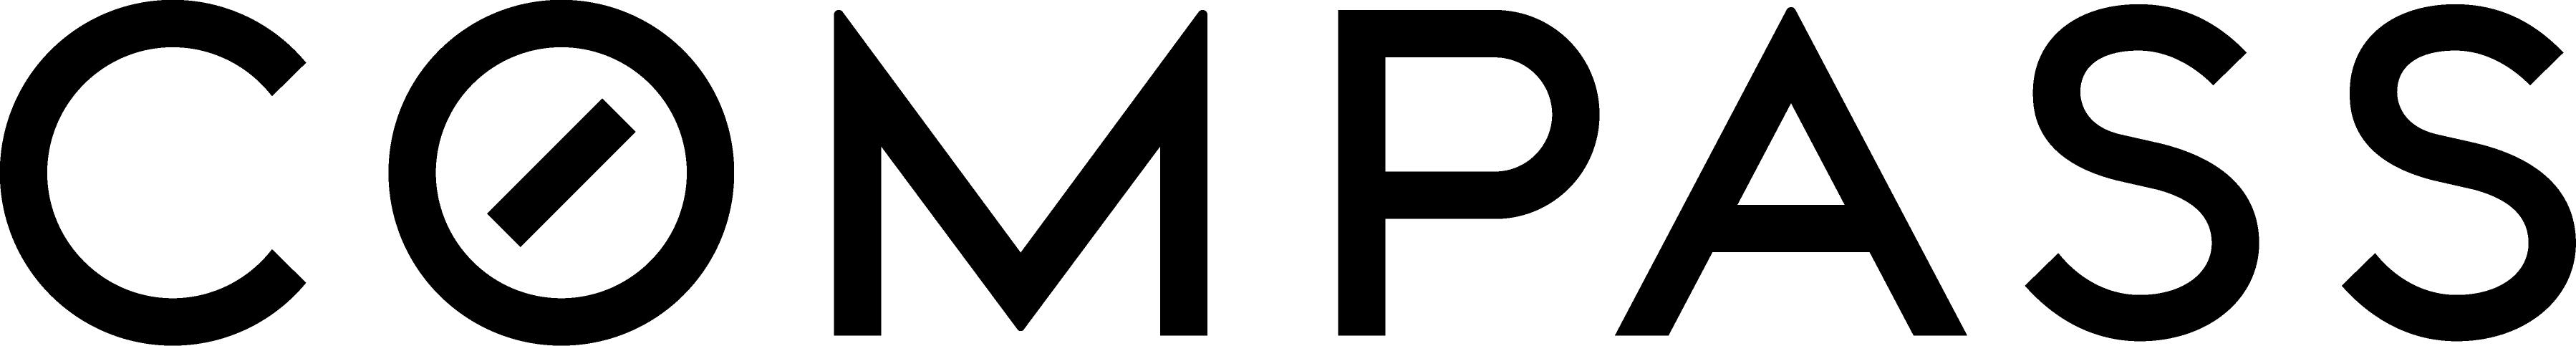 compass_logo_final